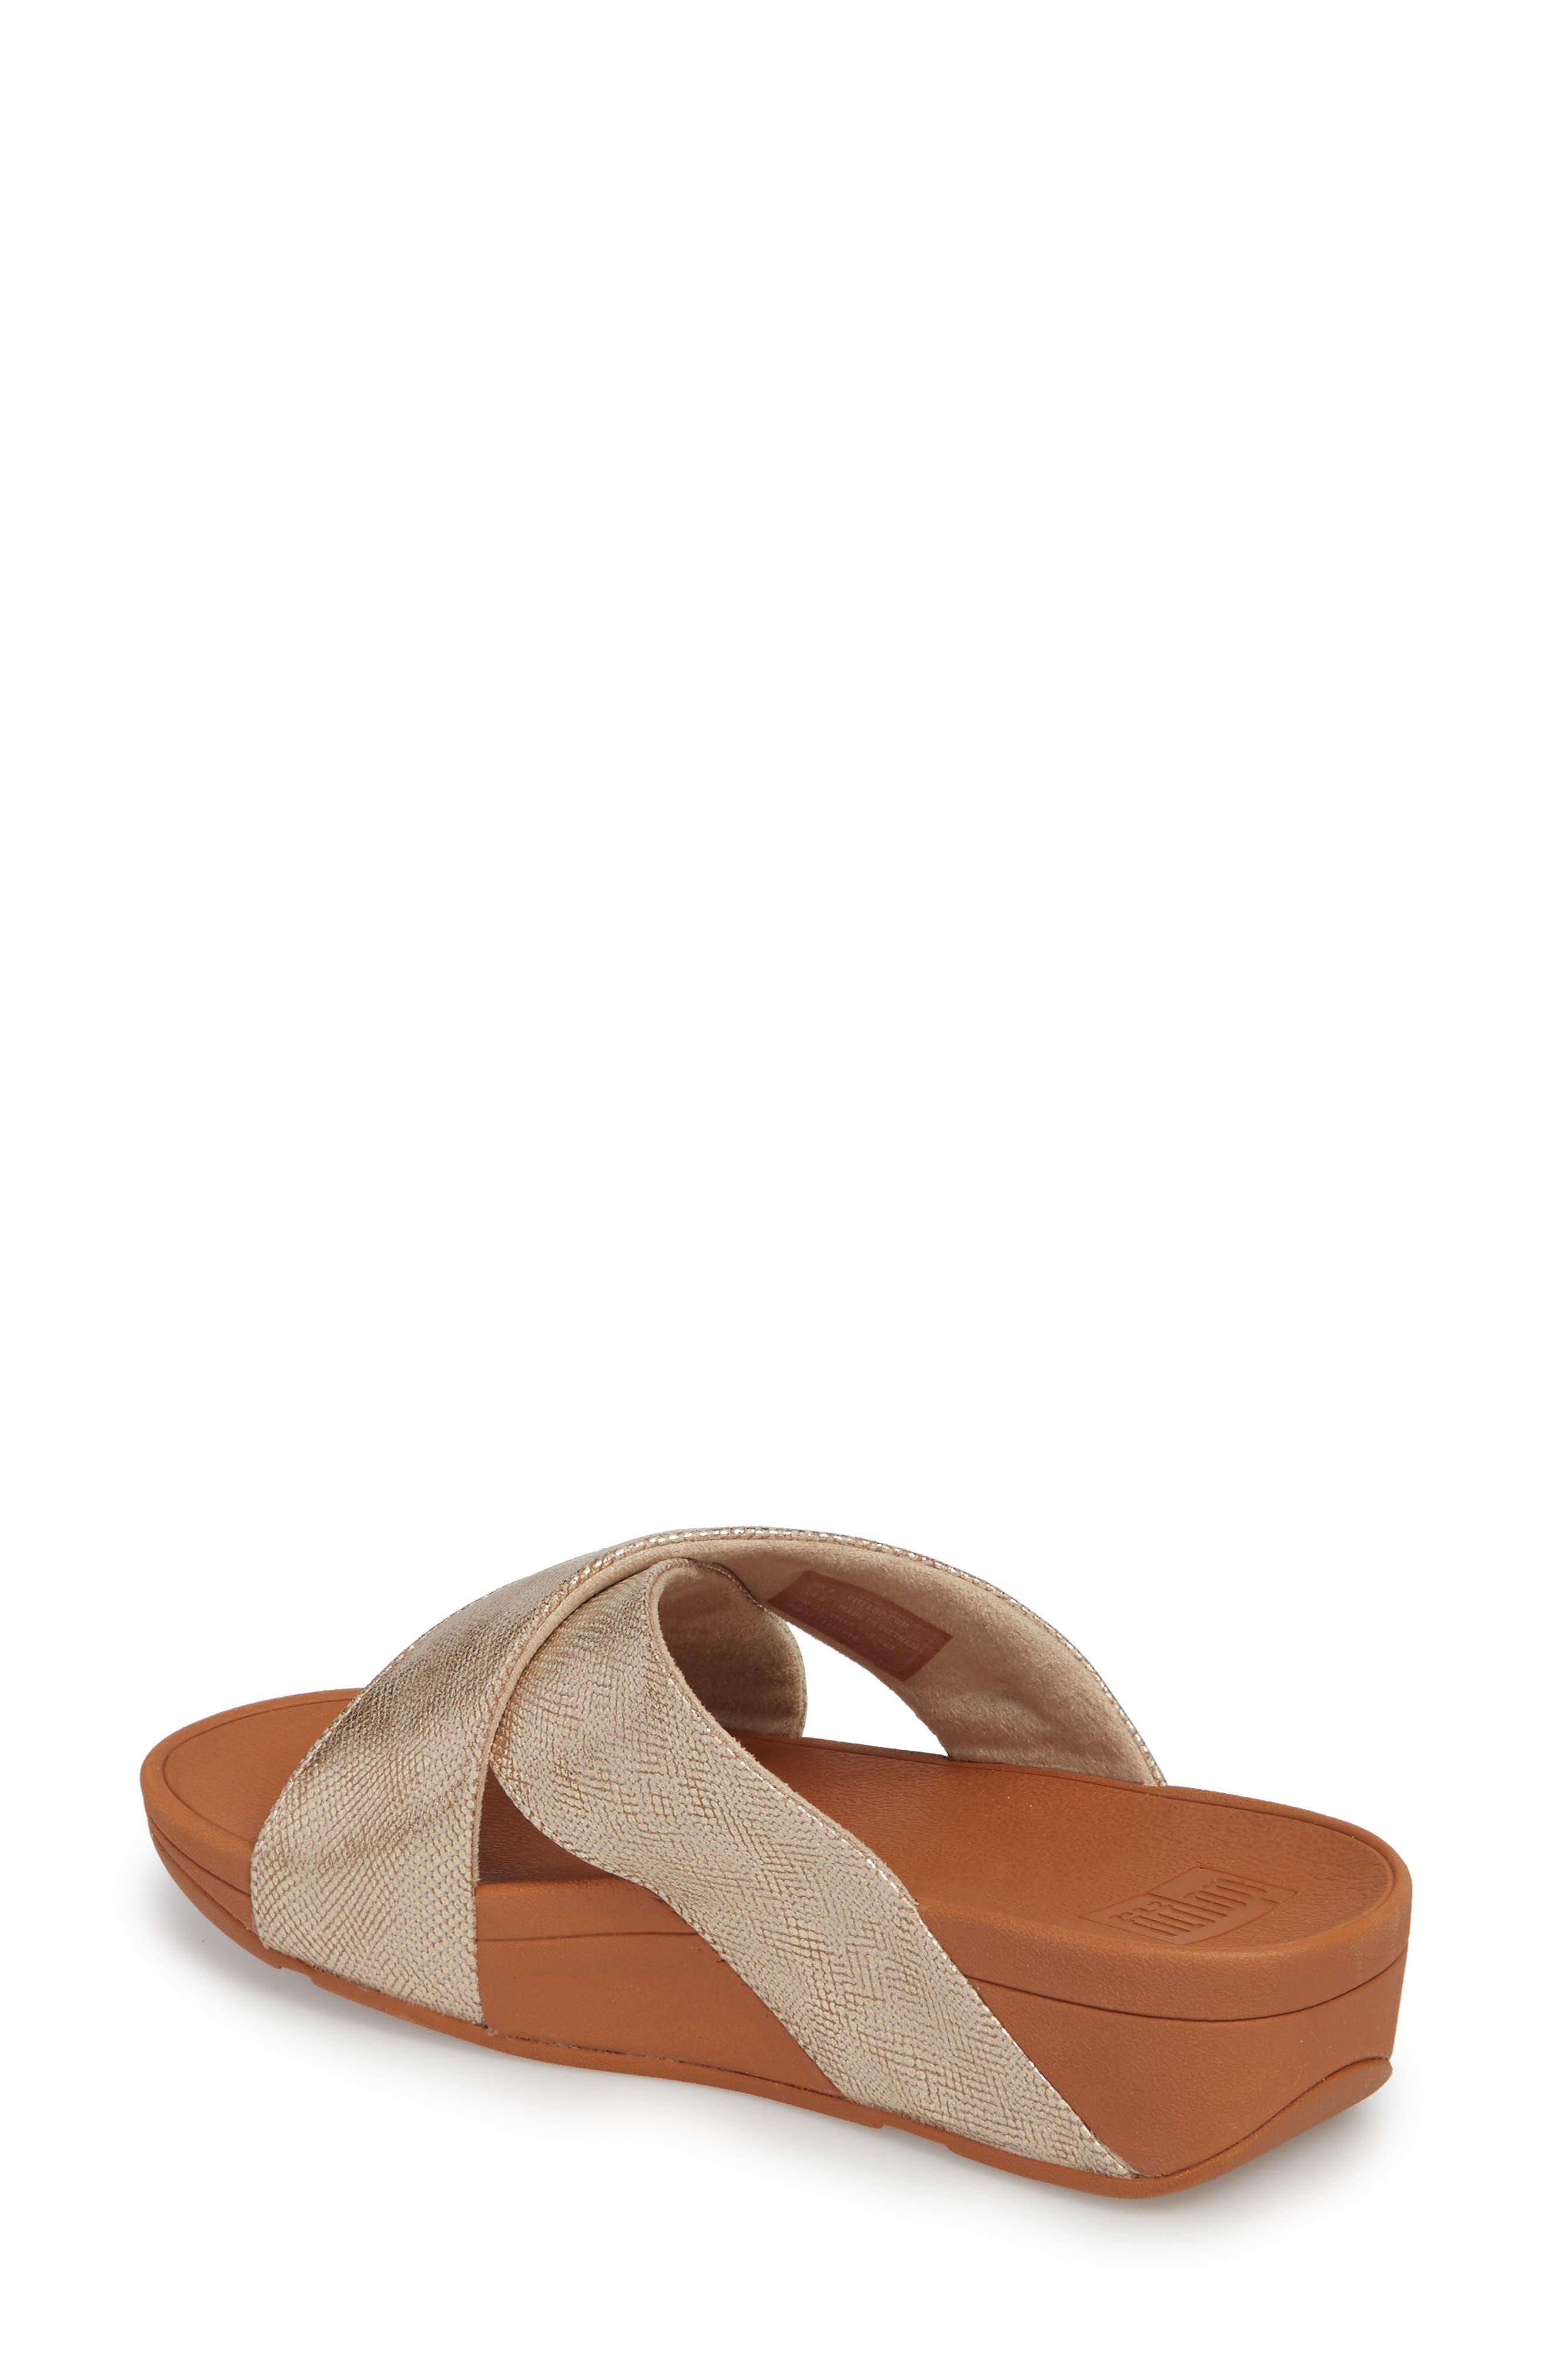 Lulu Cross Slide Sandal,                             Alternate thumbnail 2, color,                             Gold Shimmer Print